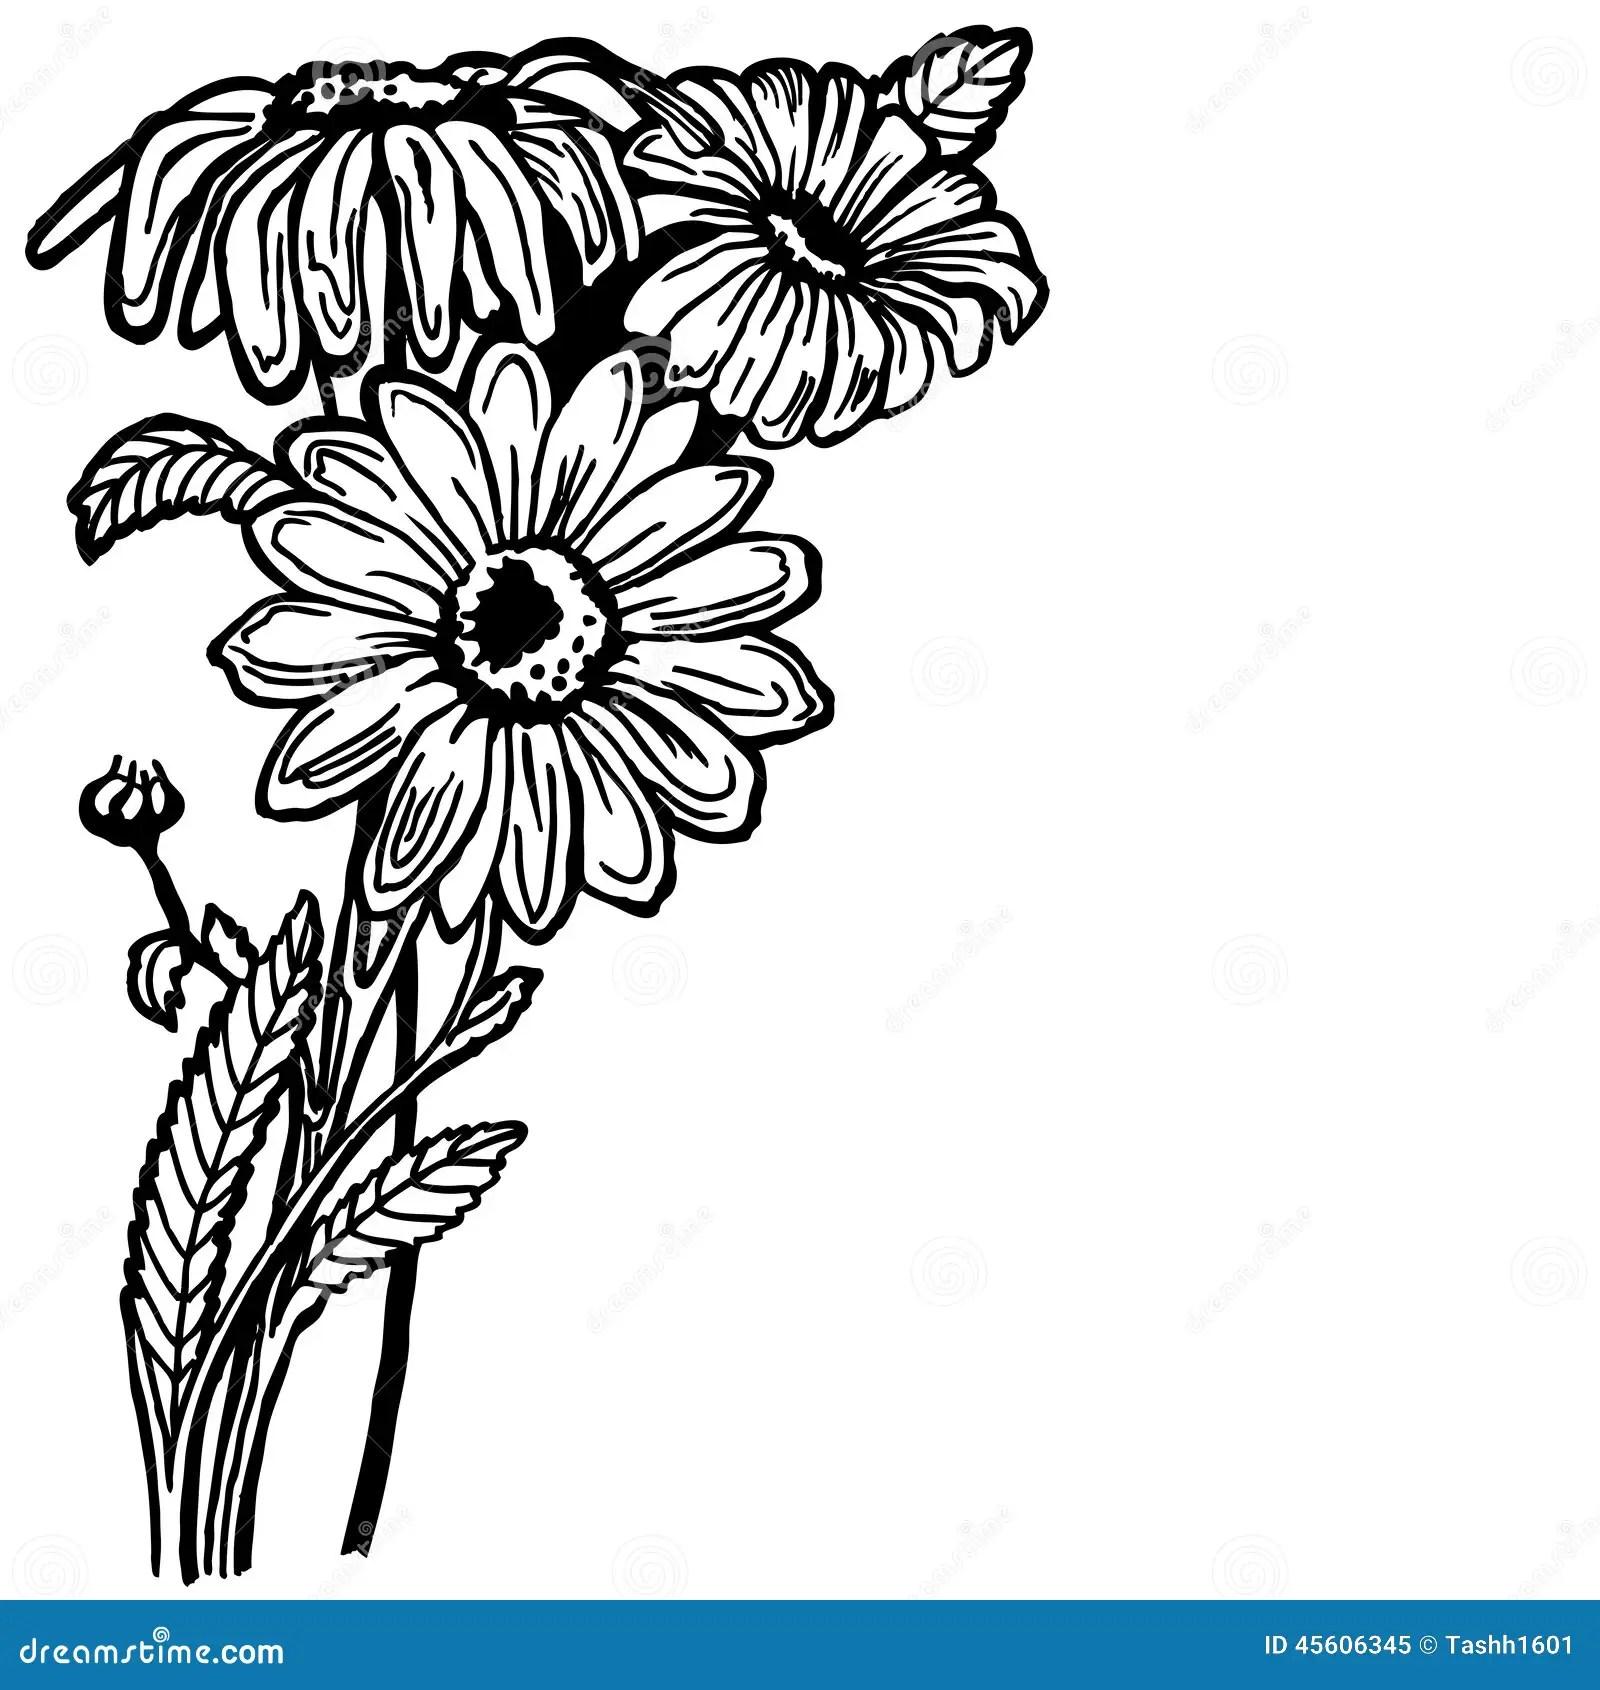 Daisy Bush Cartoon Vector